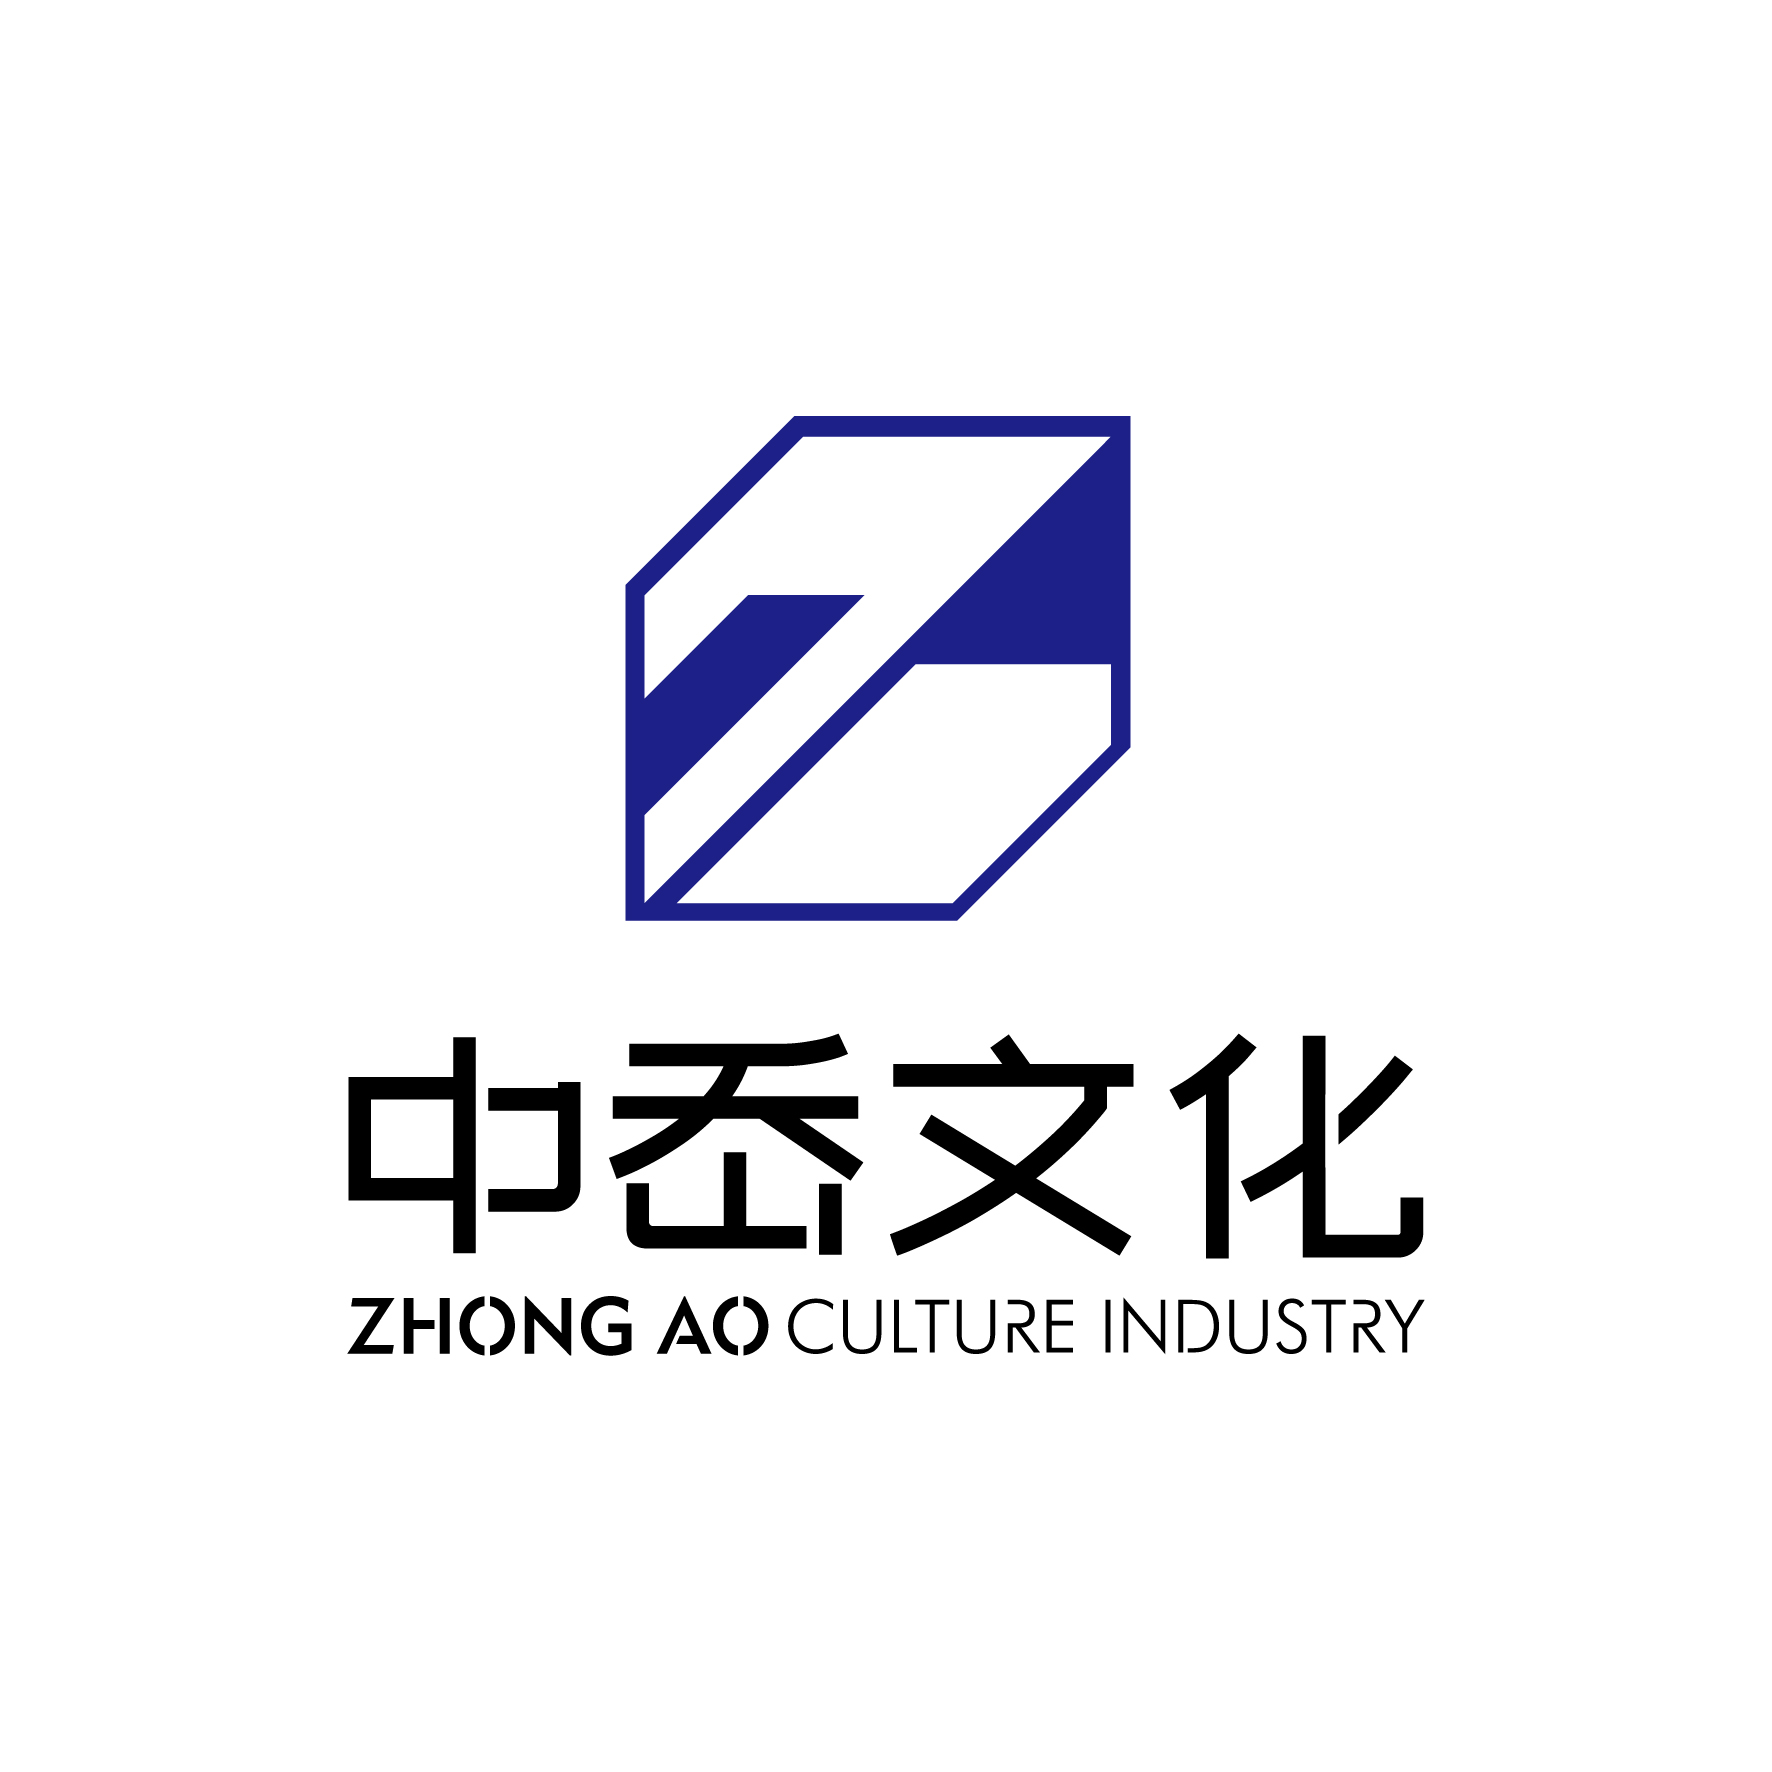 中岙(山东)文化科技有限公司